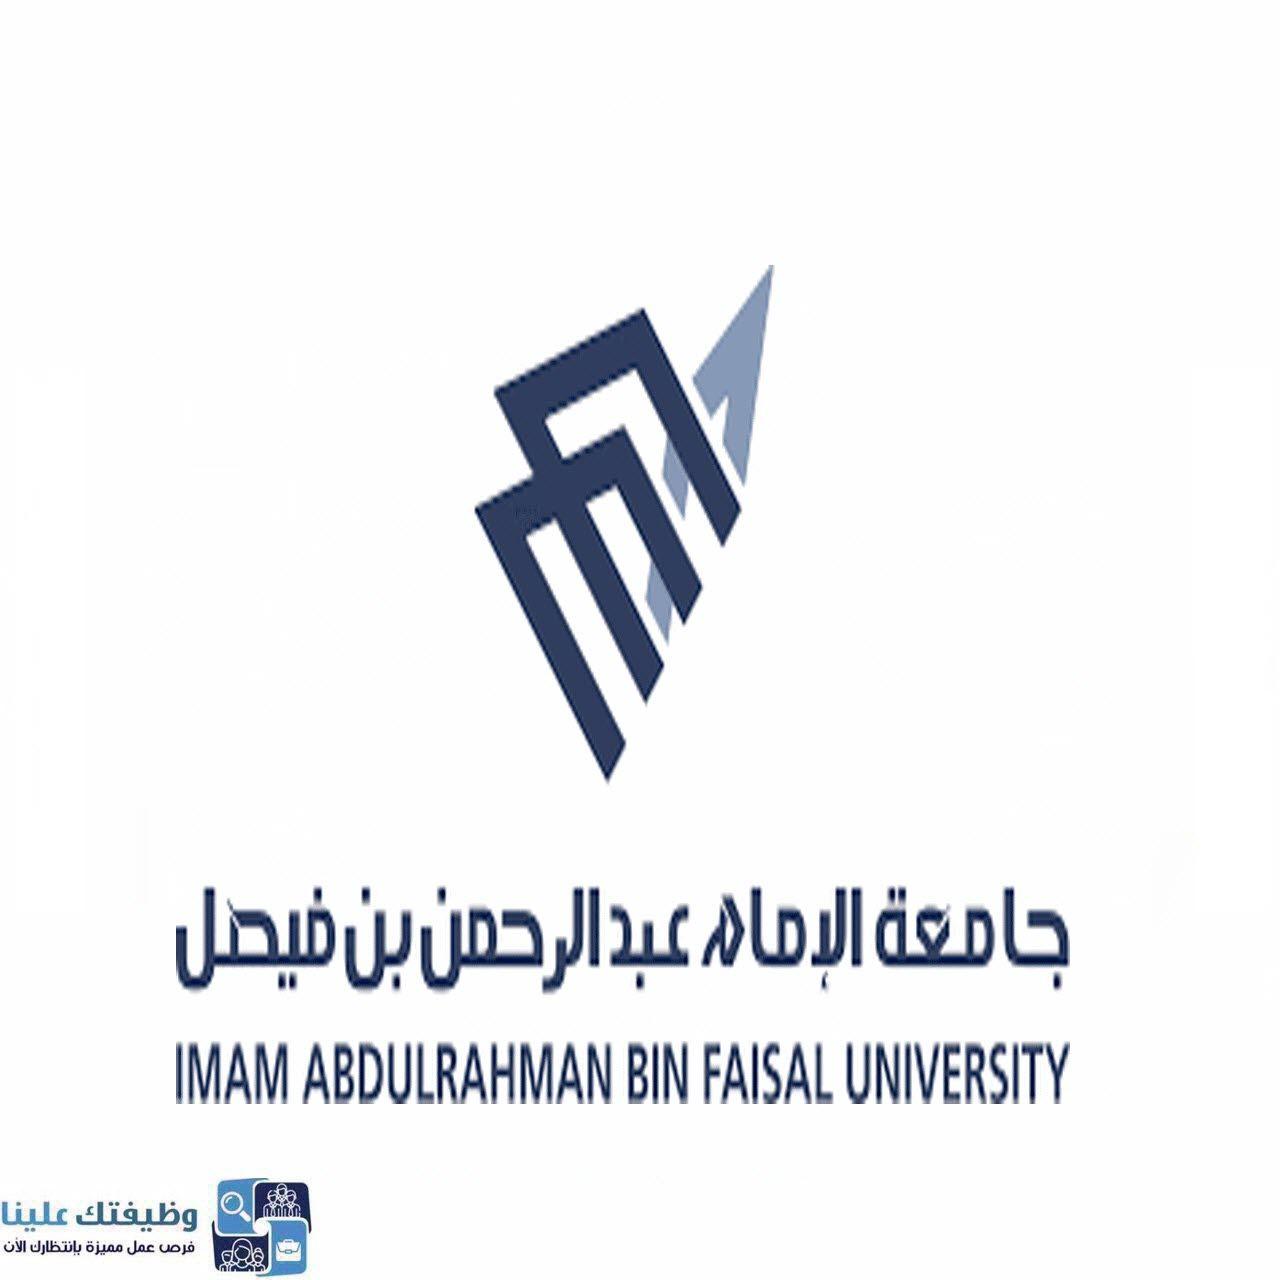 مواعيد الجامعة وظيفتك علينا Tech Company Logos Company Logo University